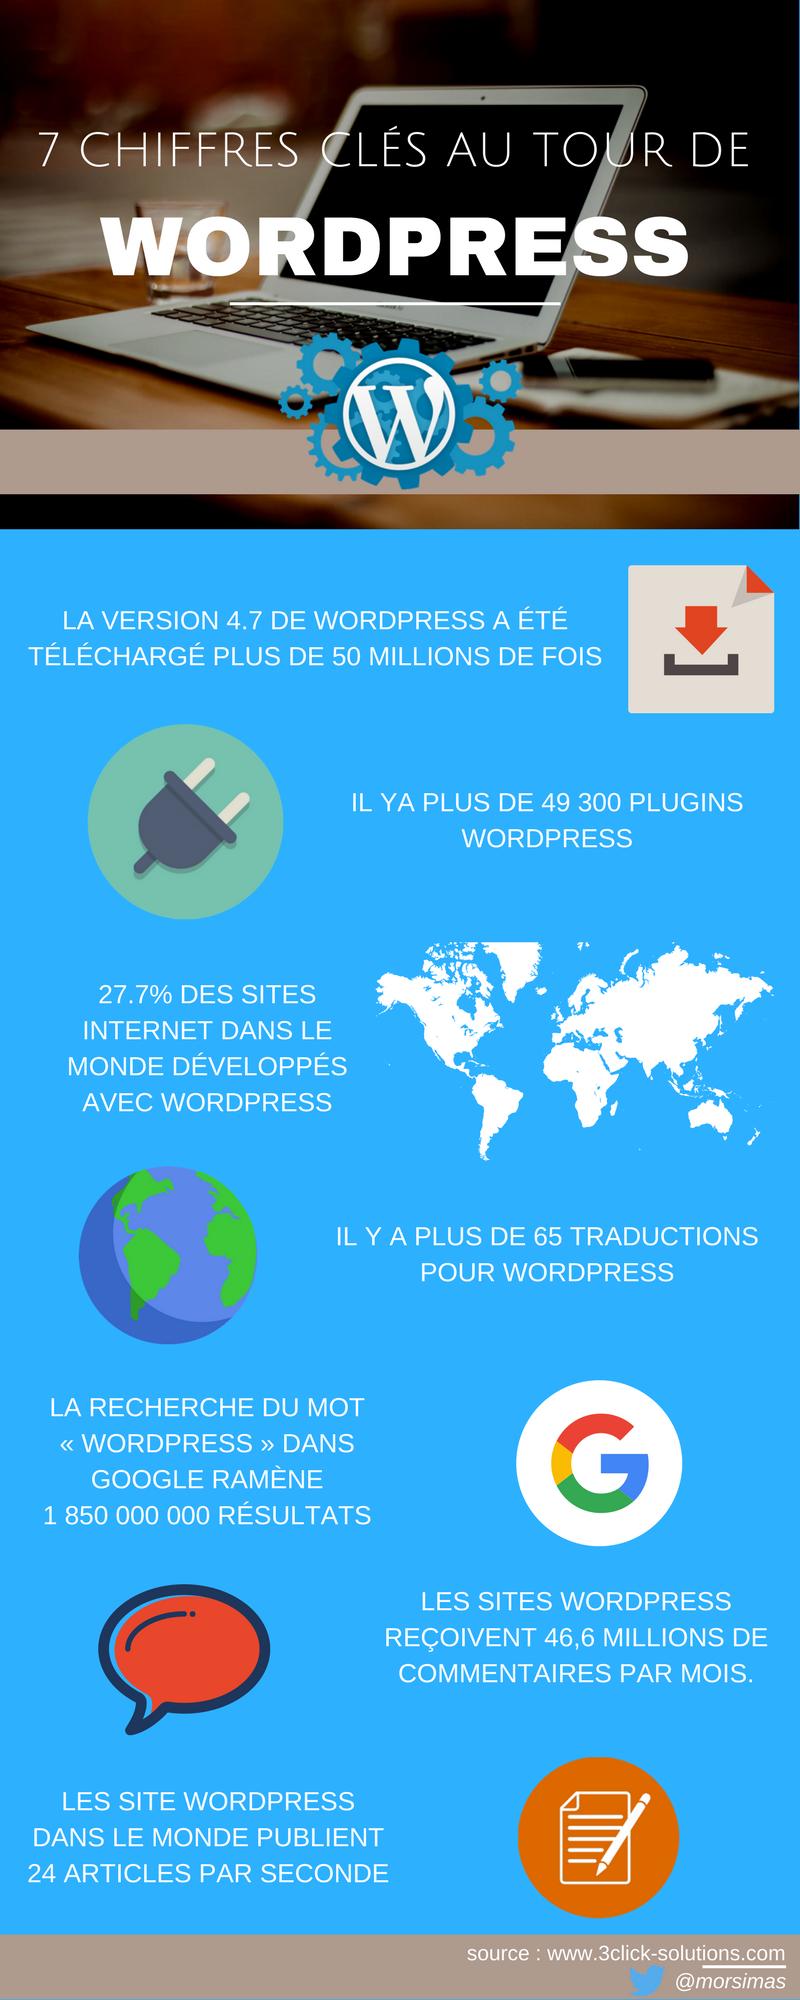 Infographie : 7 chiffres clés au tour de WordPress leader des CMS